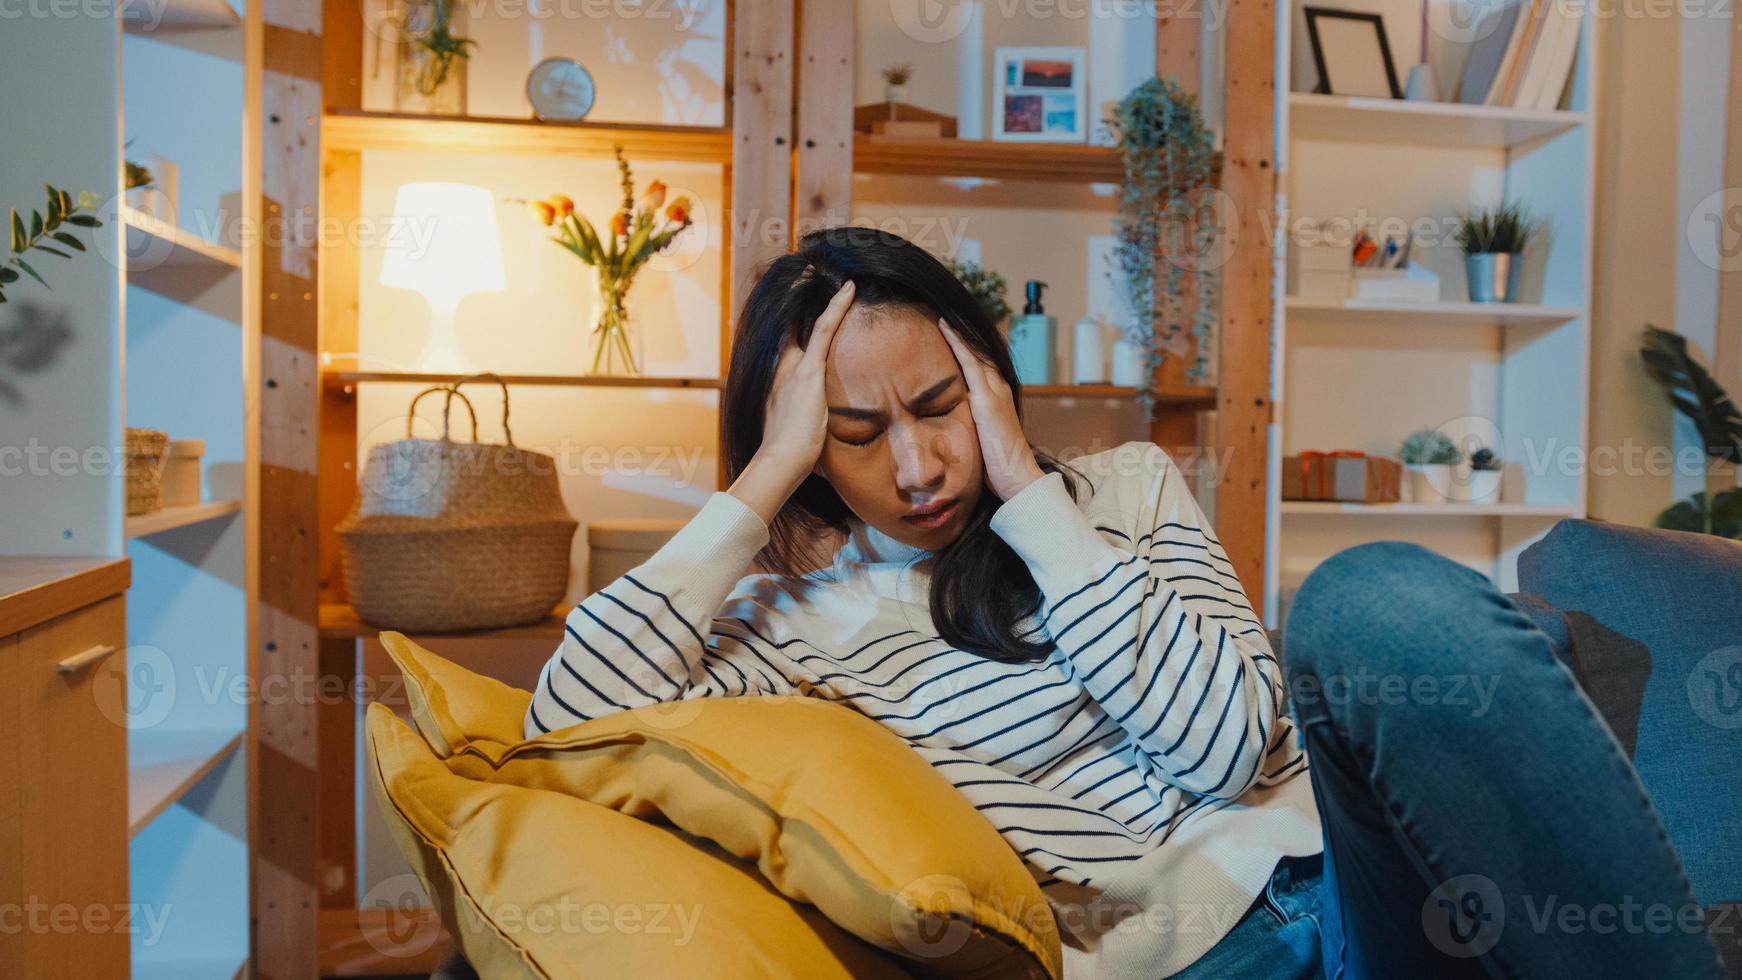 pensativa dama de asia que sufre de insomnio se sienta en el sofá en la sala de estar en la noche de la casa con un adolescente deprimido y triste que se siente solo, pasa tiempo solo en casa, distancia social, cuarentena de coronavirus. foto